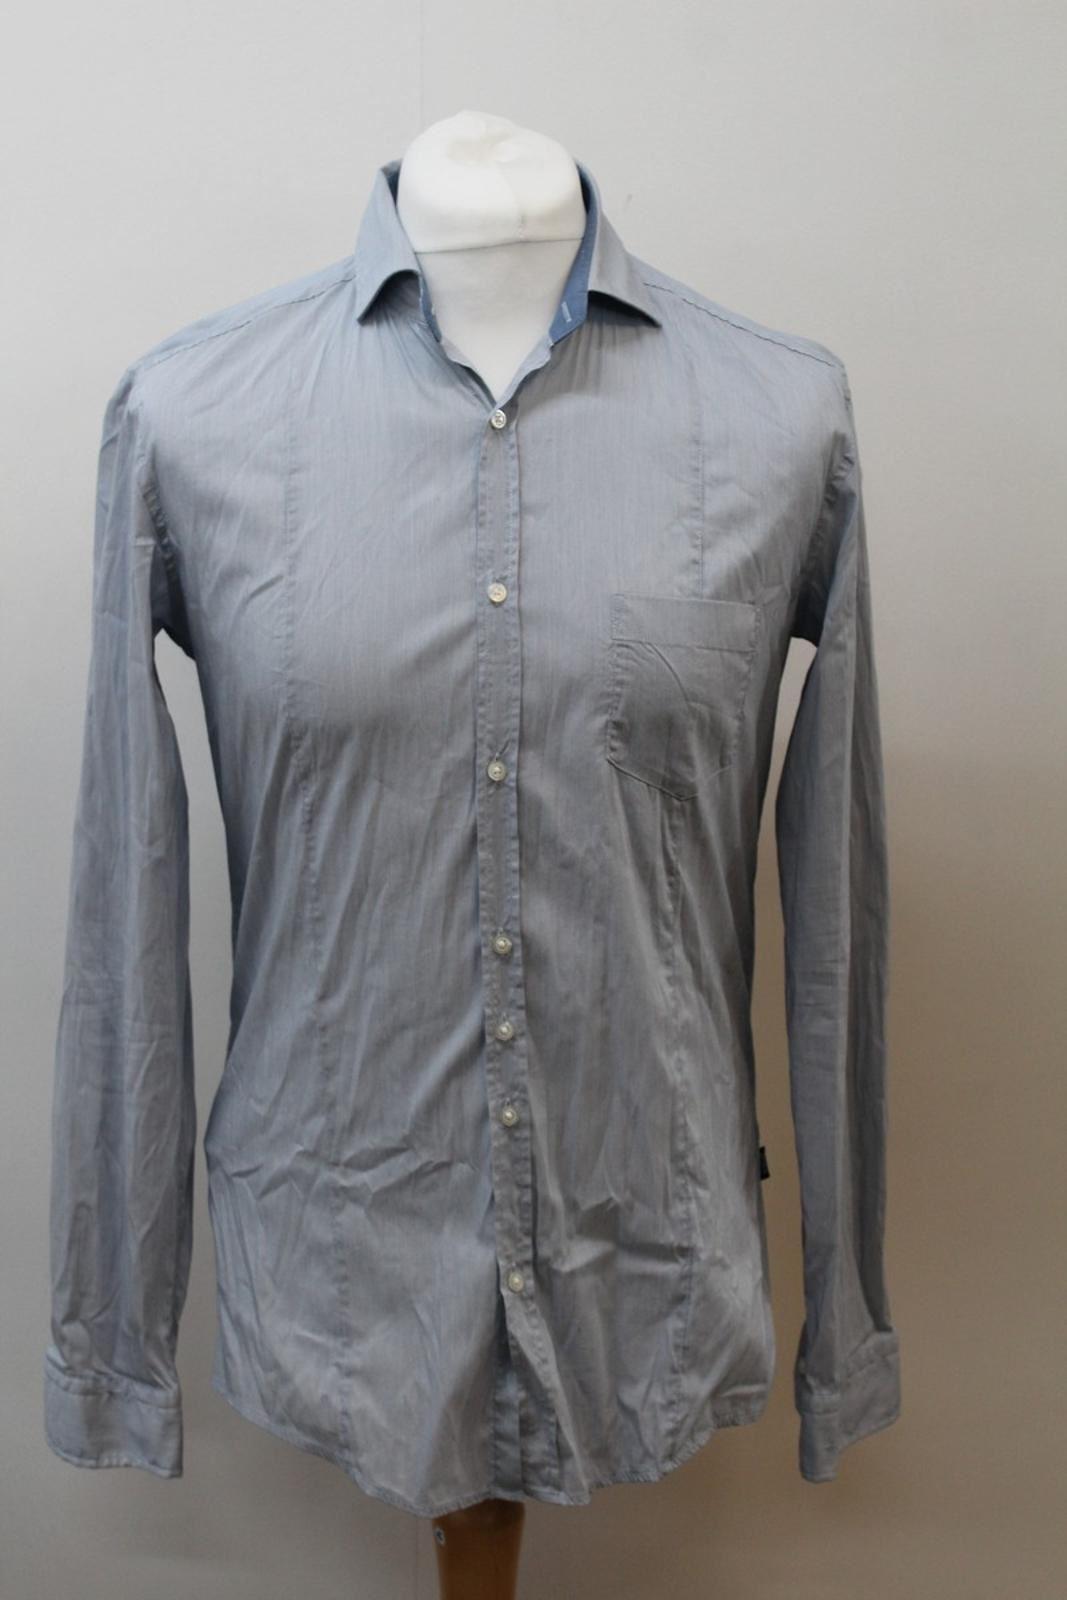 Hugo-Boss-Para-Hombre-Azul-Mezcla-De-Algodon-Manga-Larga-a-Rayas-Calce-Ajustado-Camisa-Informal-M